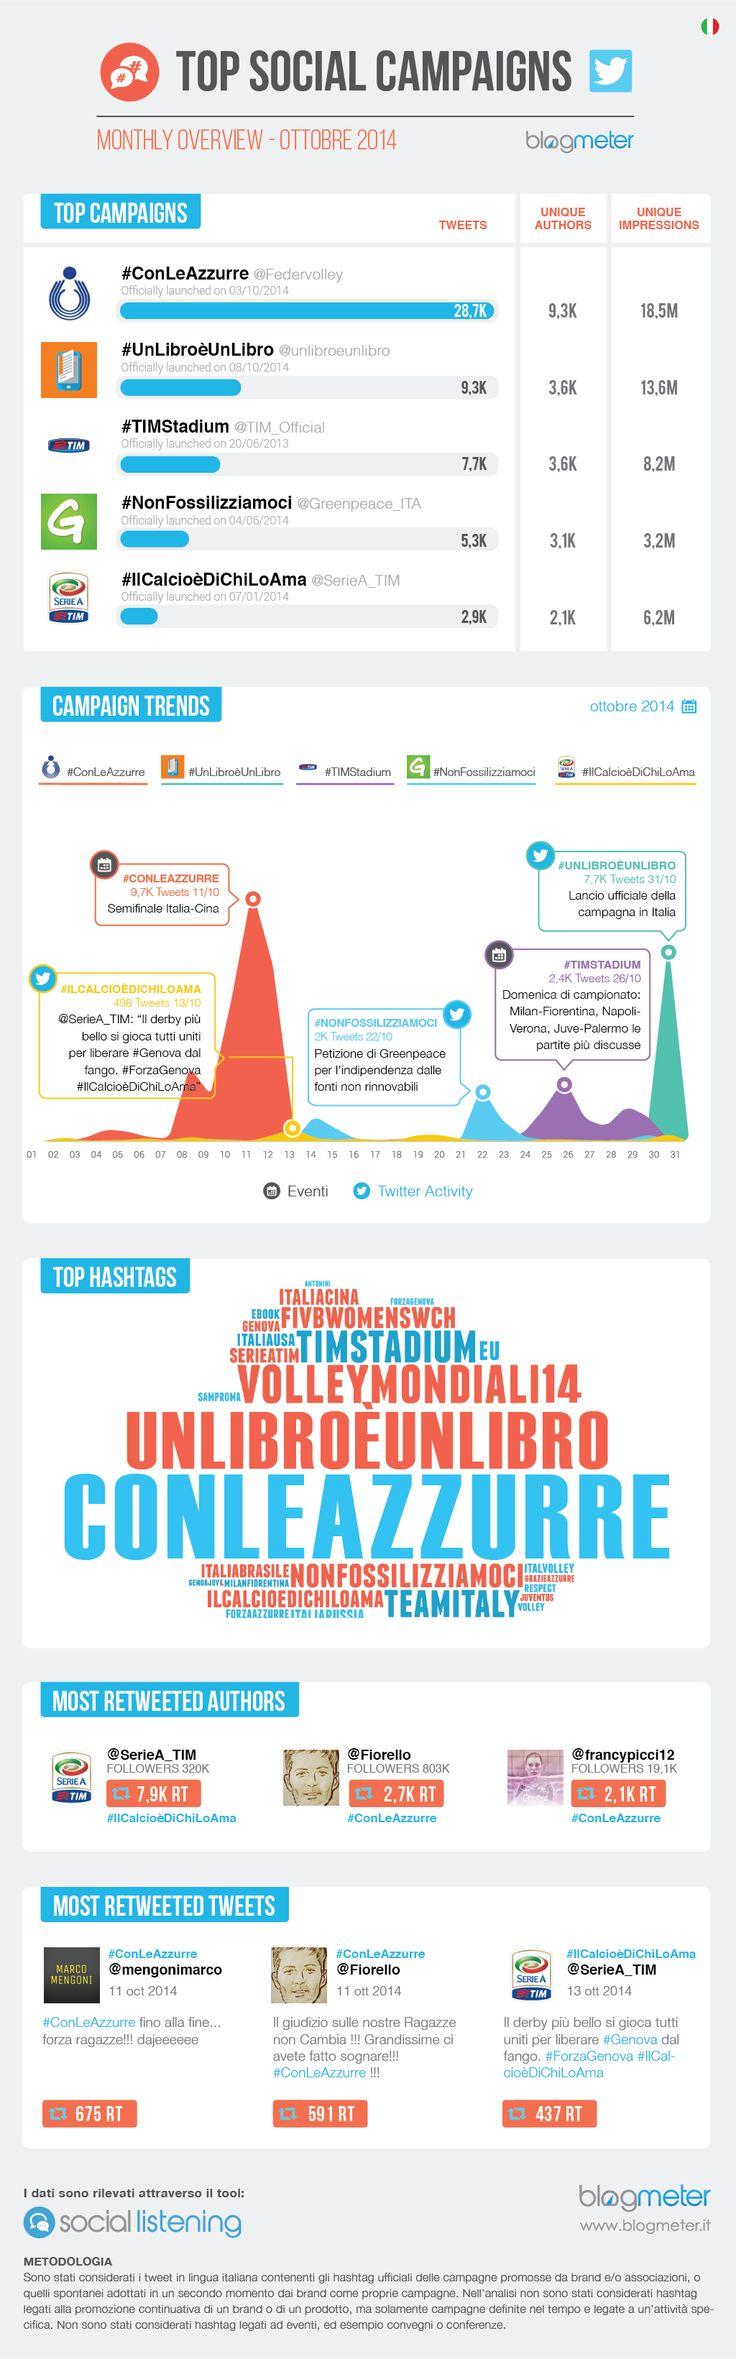 Top Social Campaigns: le migliori campagne su Twitter di ottobre. L'Italia sta #ConLeAzzurre.  http://www.blogmeter.it/tag/top-social-campaigns/